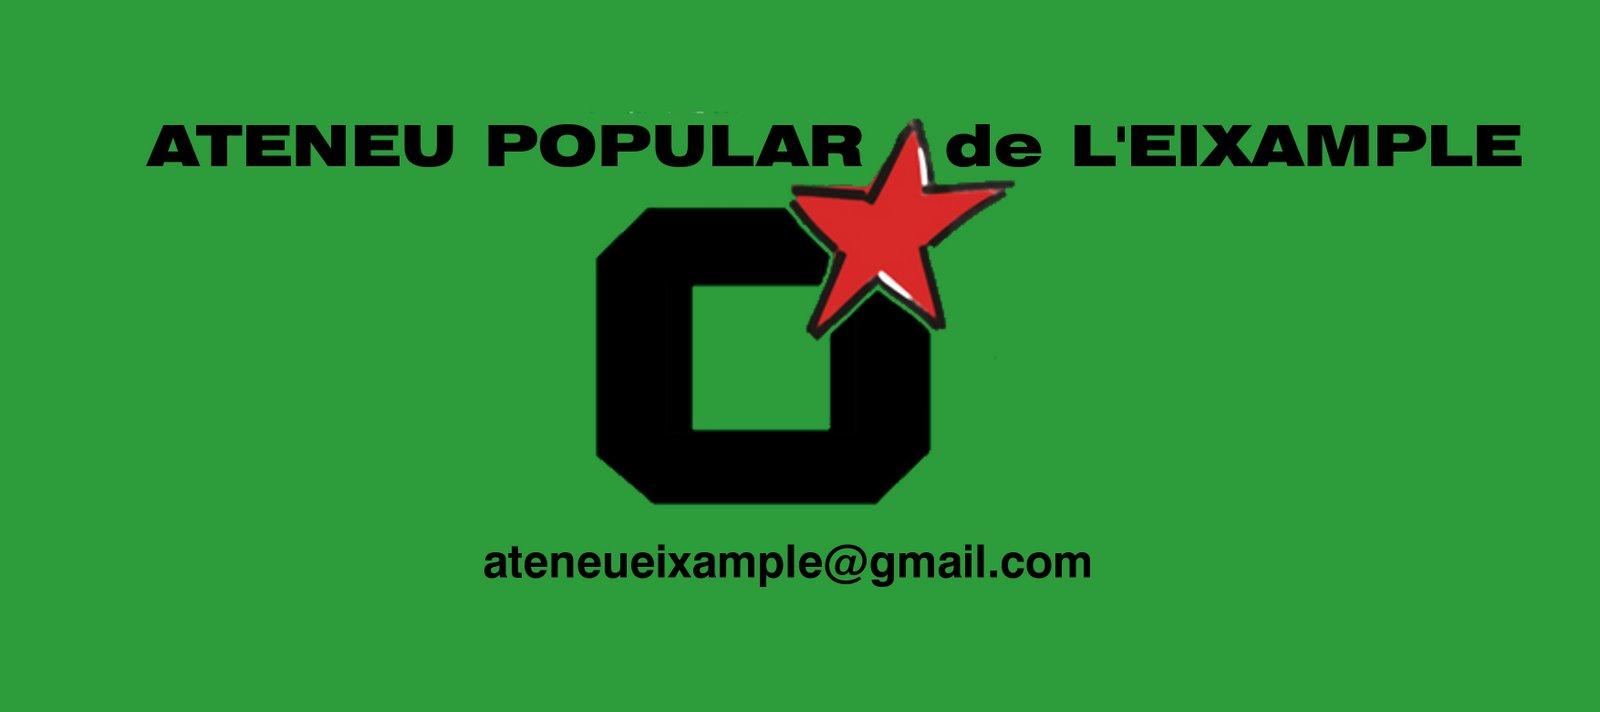 Ateneu Popular de l'Eixample